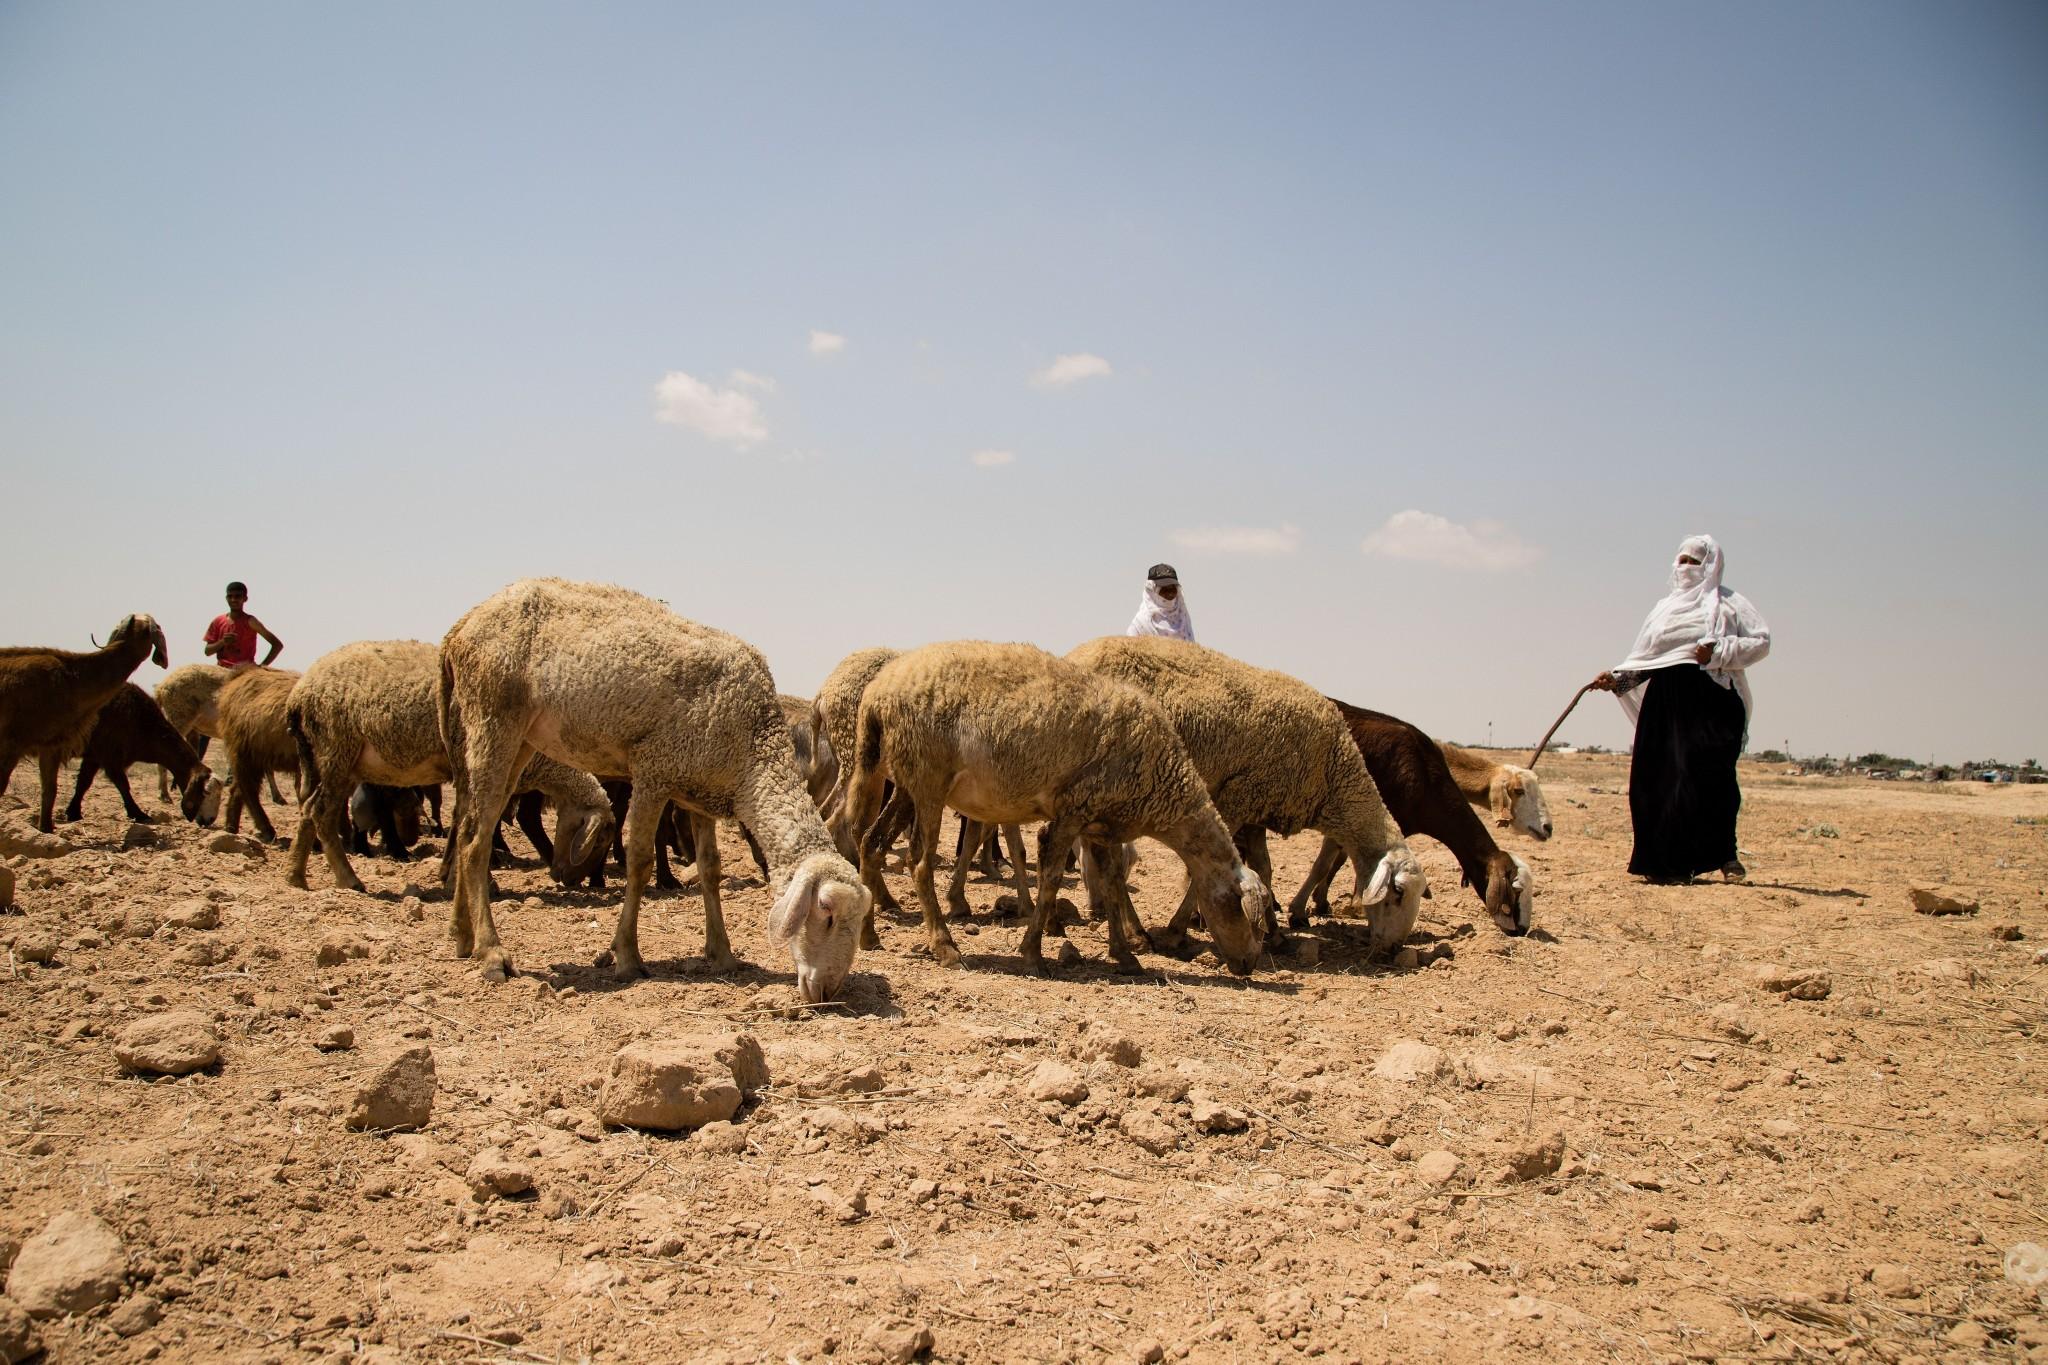 רועות צאן באזור החיץ, יוני 2018. צילום: גישה